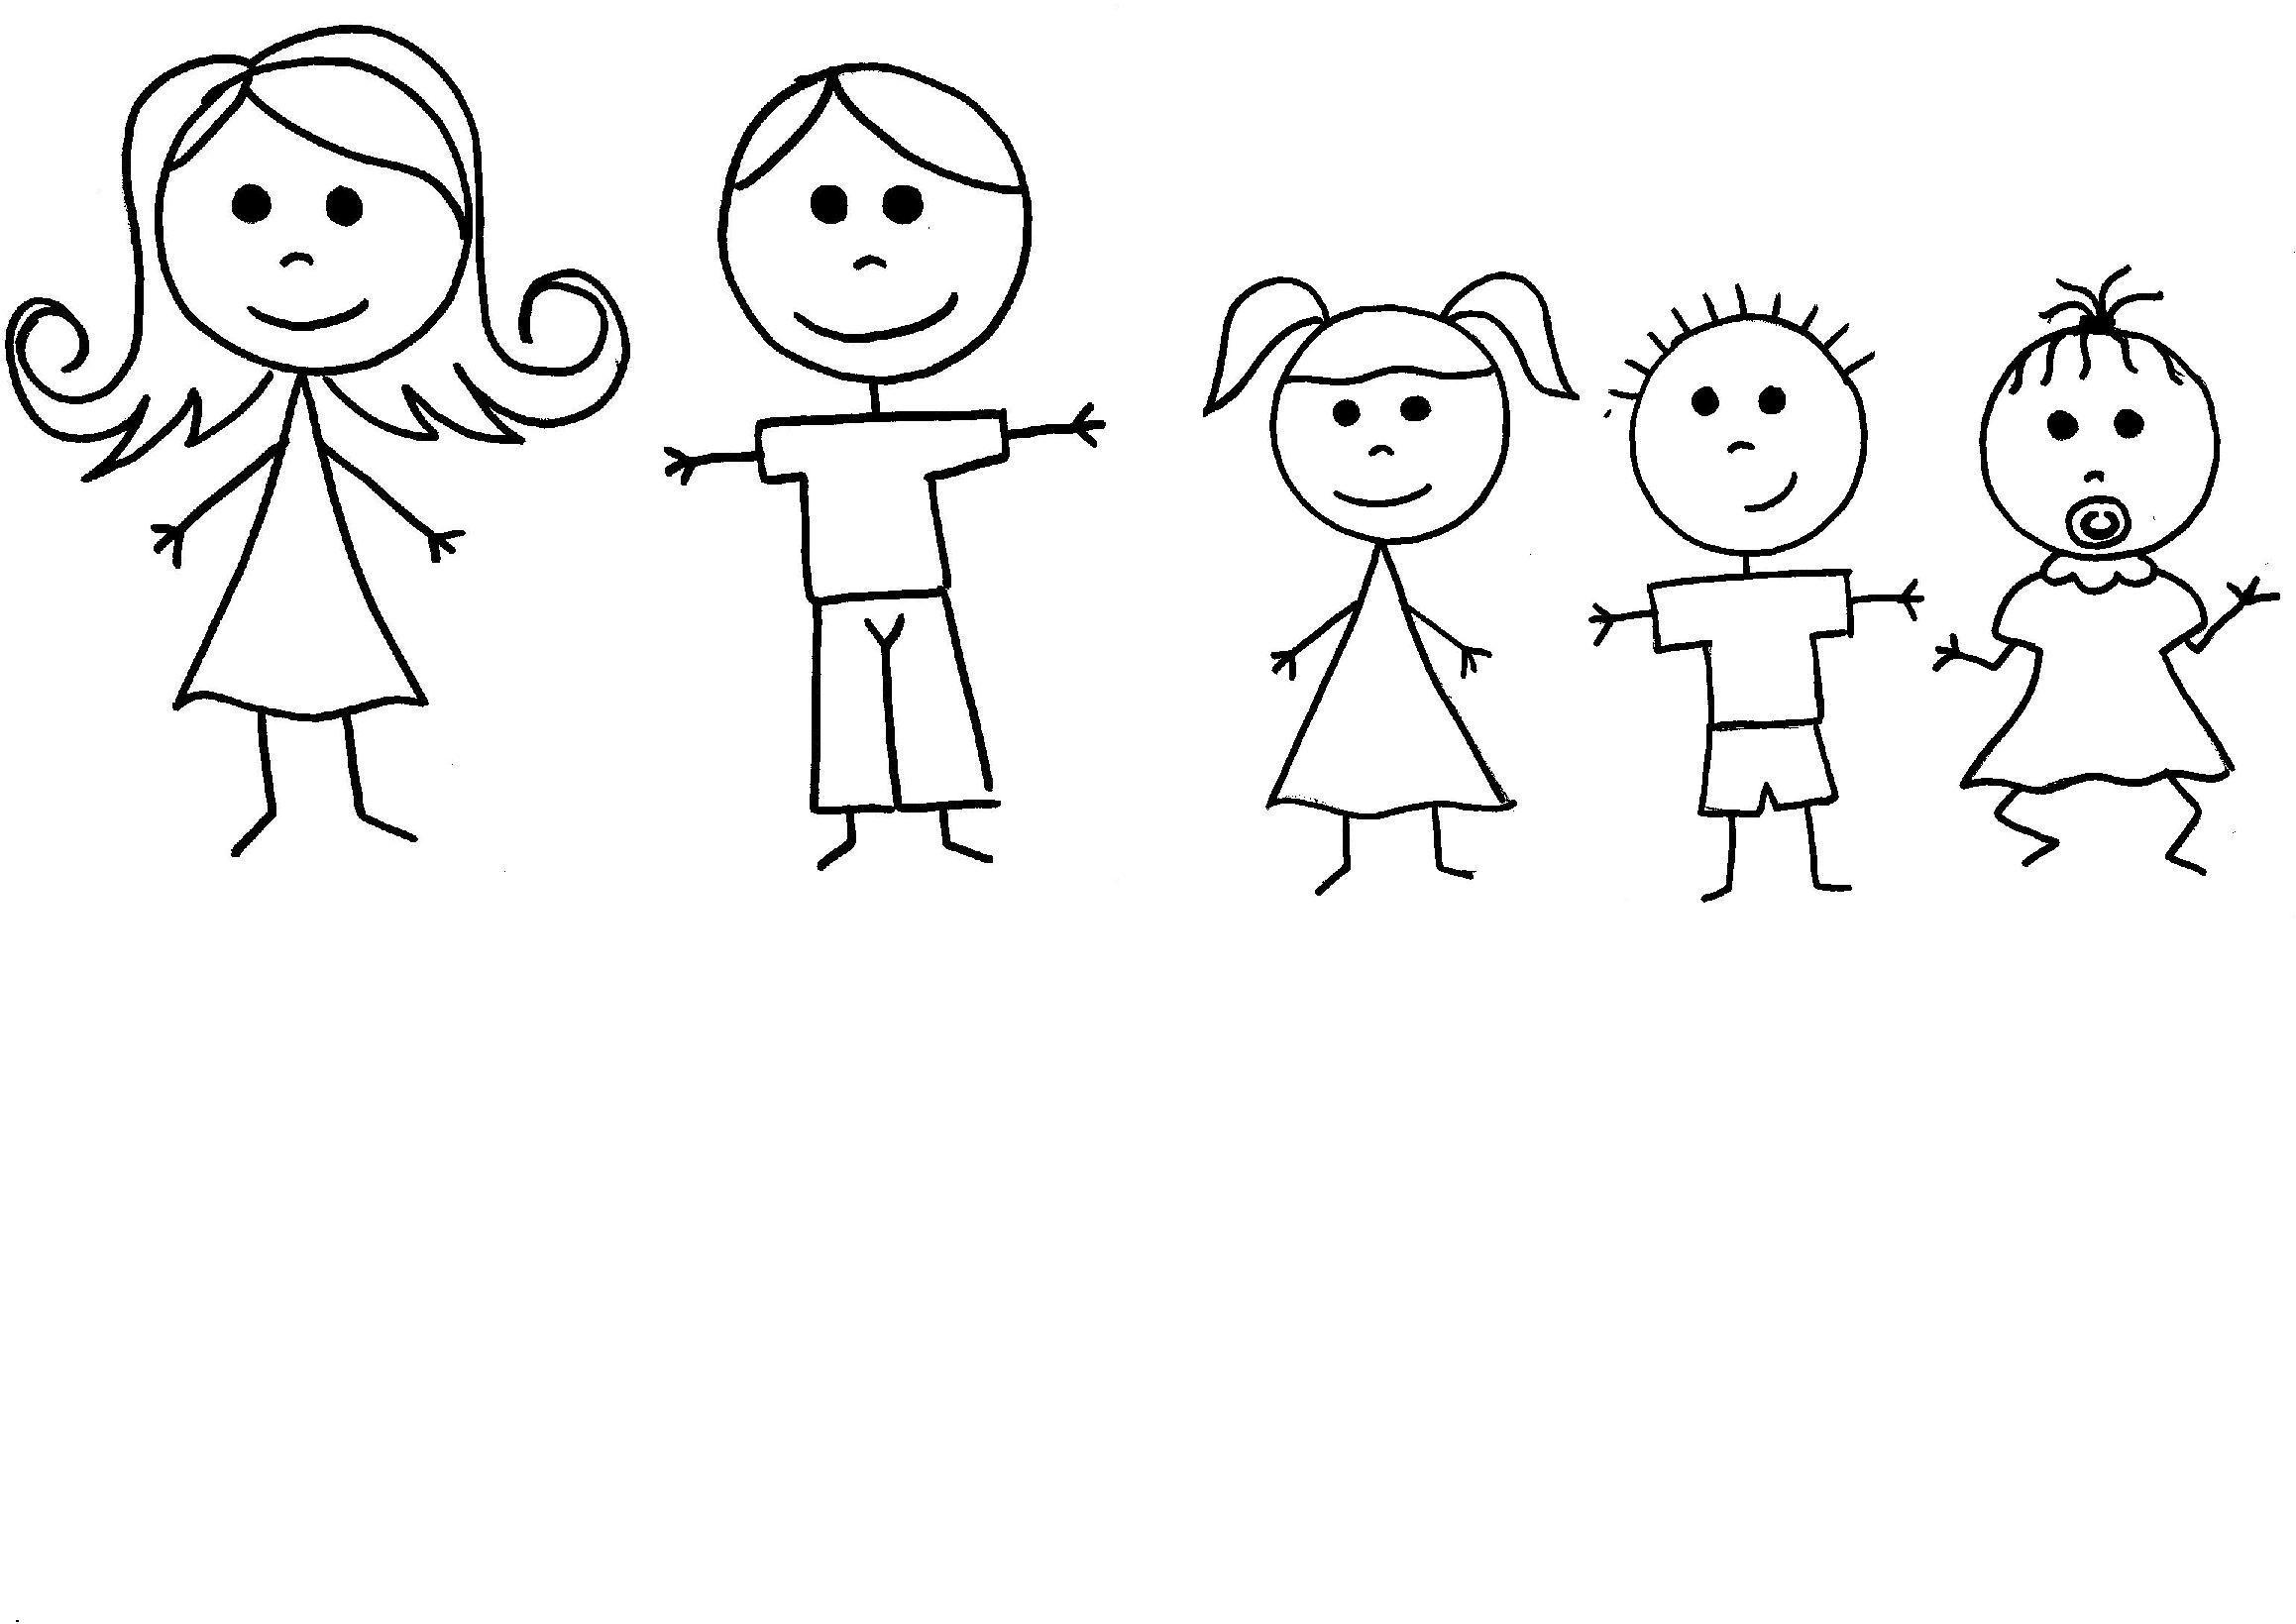 Лет дочке, рисунок семья из 5 человек